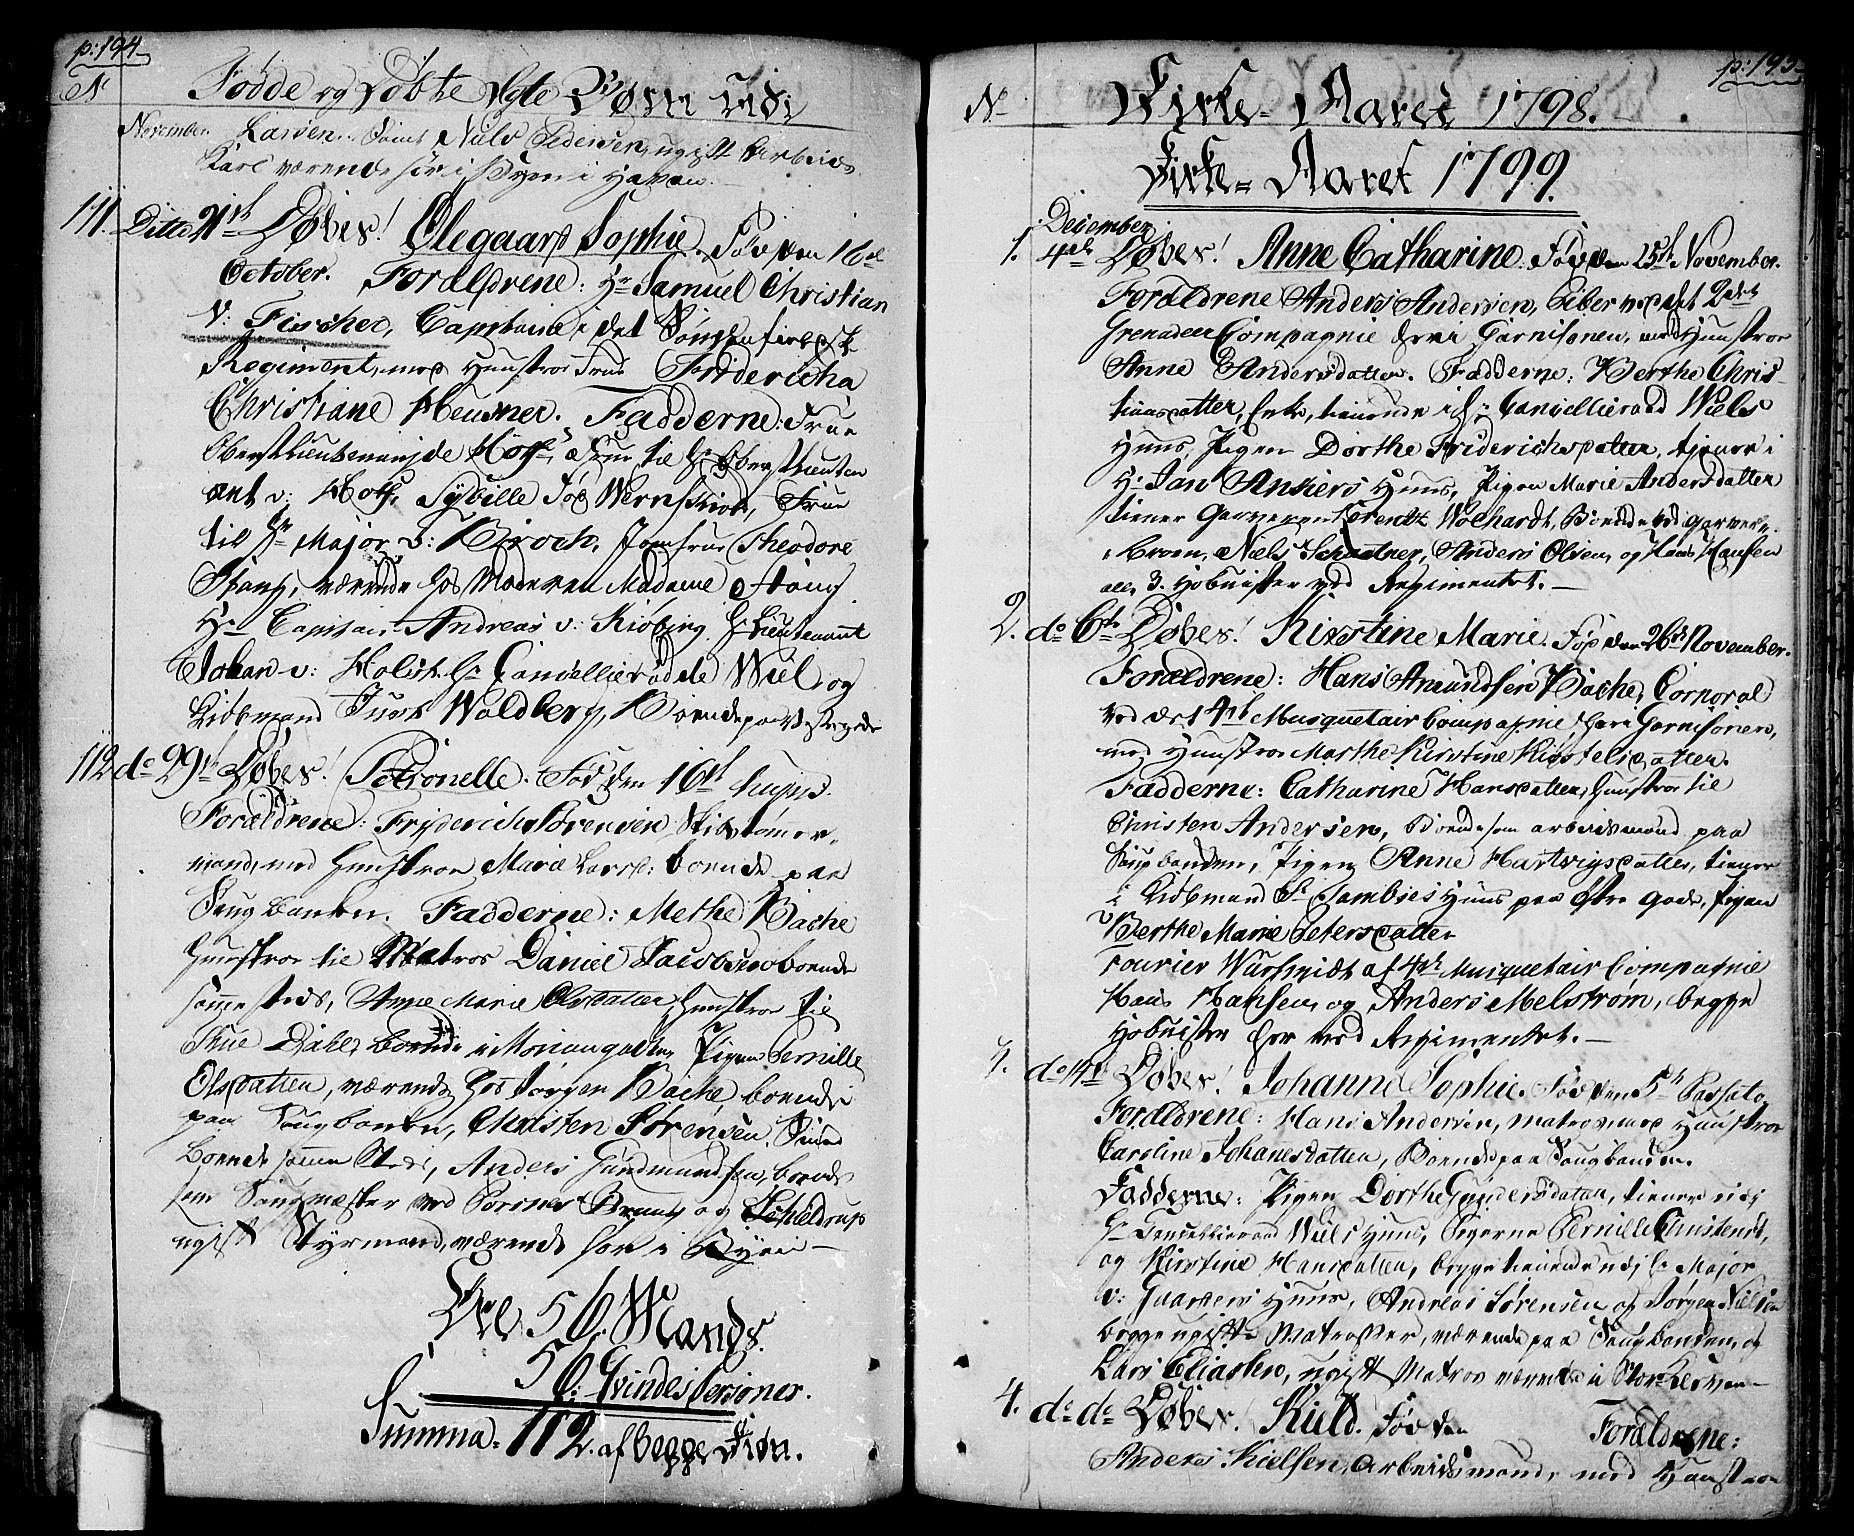 SAO, Halden prestekontor Kirkebøker, F/Fa/L0002: Ministerialbok nr. I 2, 1792-1812, s. 194-195